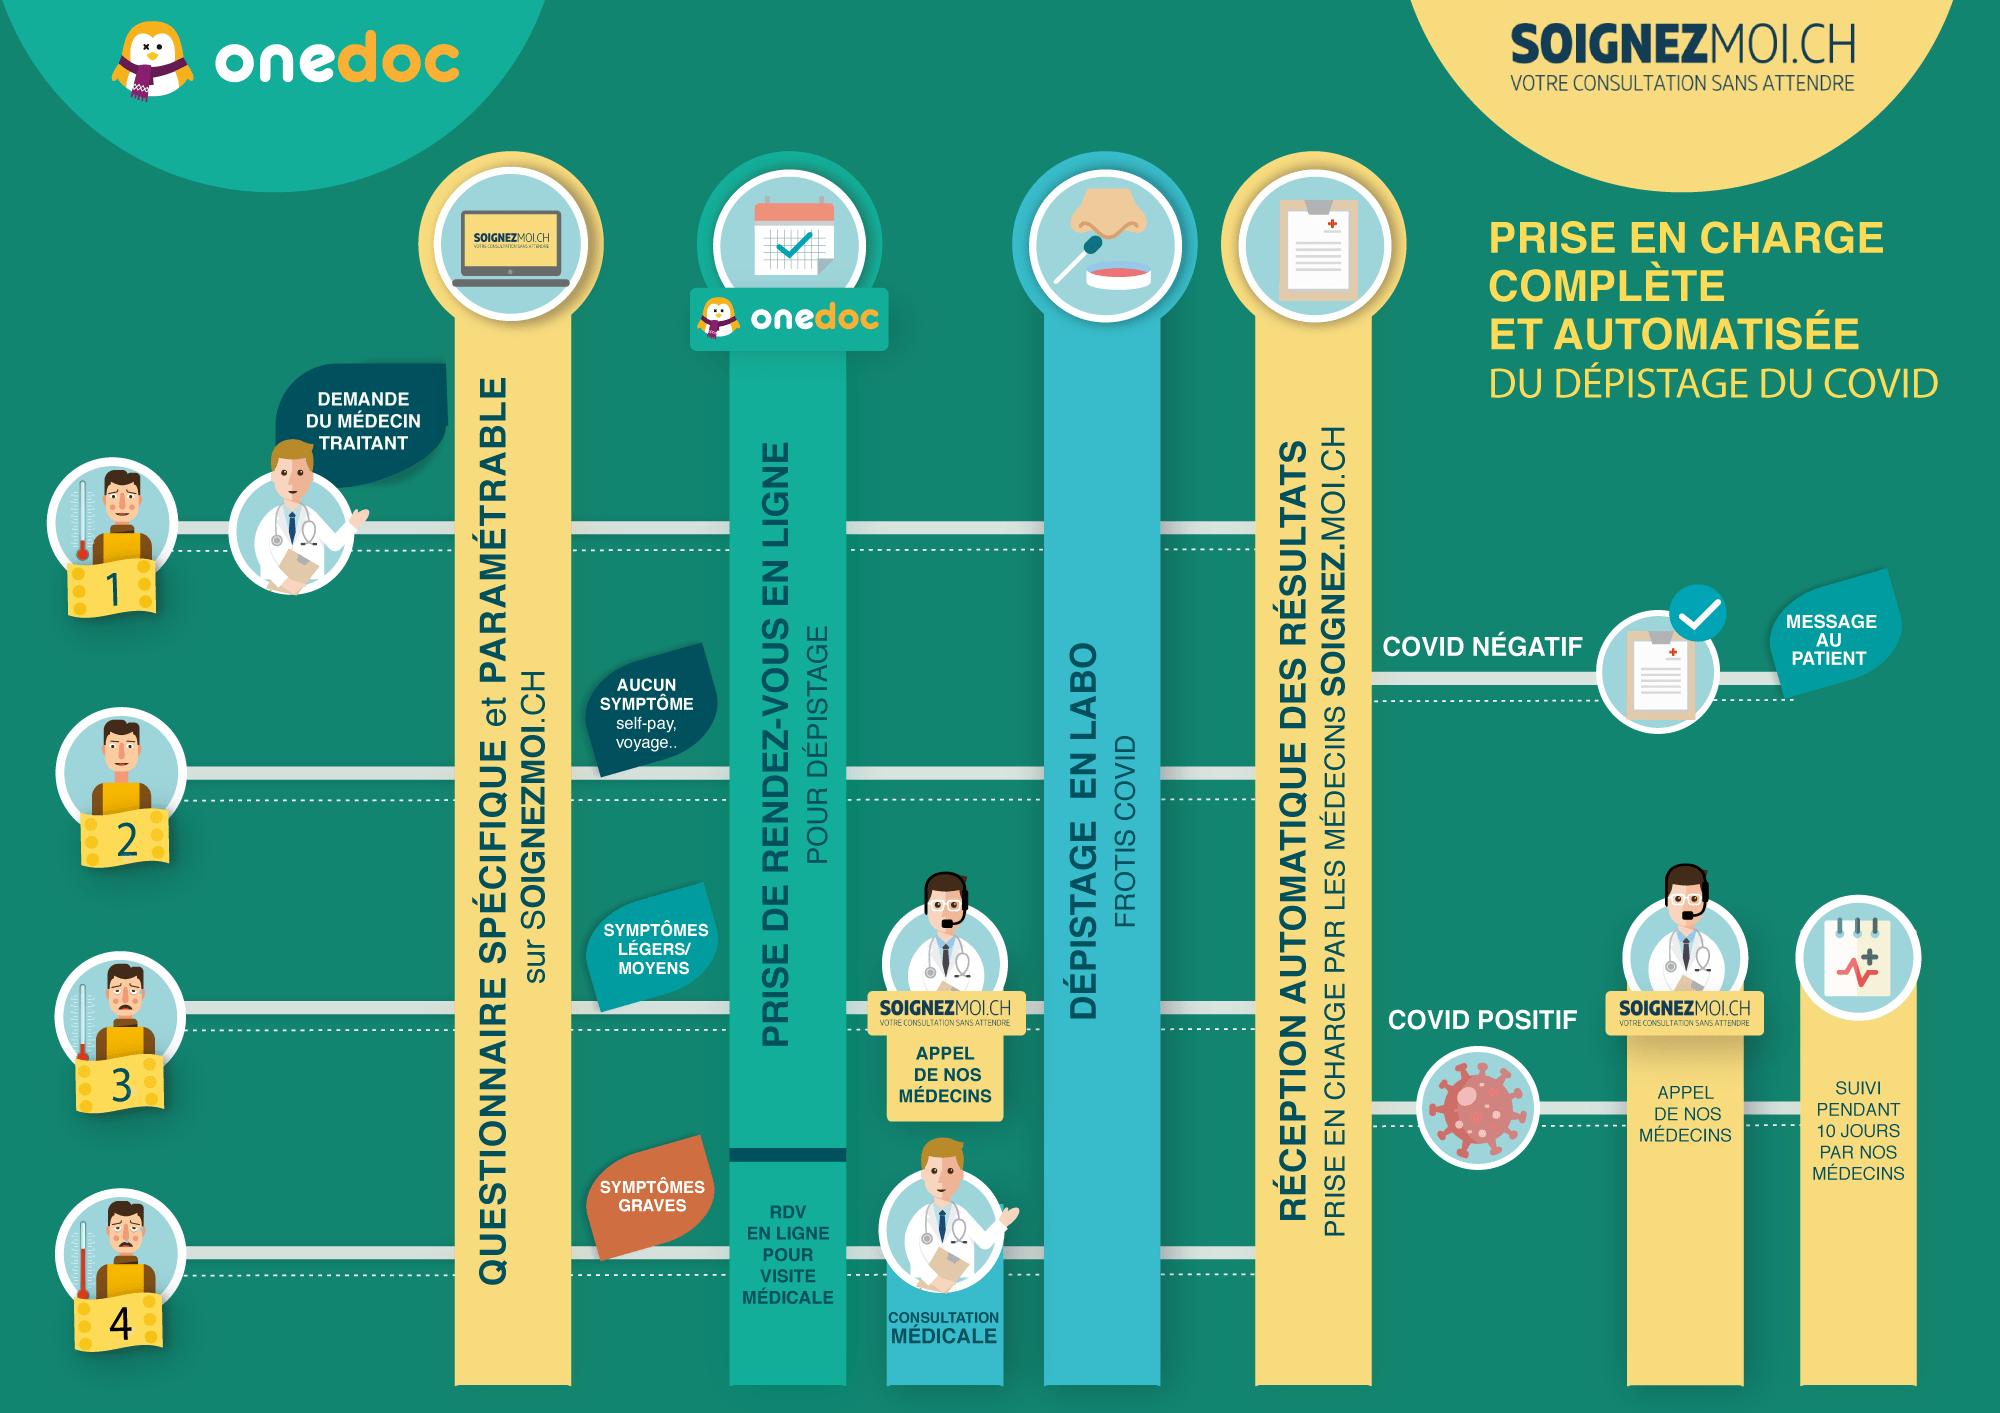 Infographie explicative du dépistage COVID19 avec Soignez-moi & OneDoc